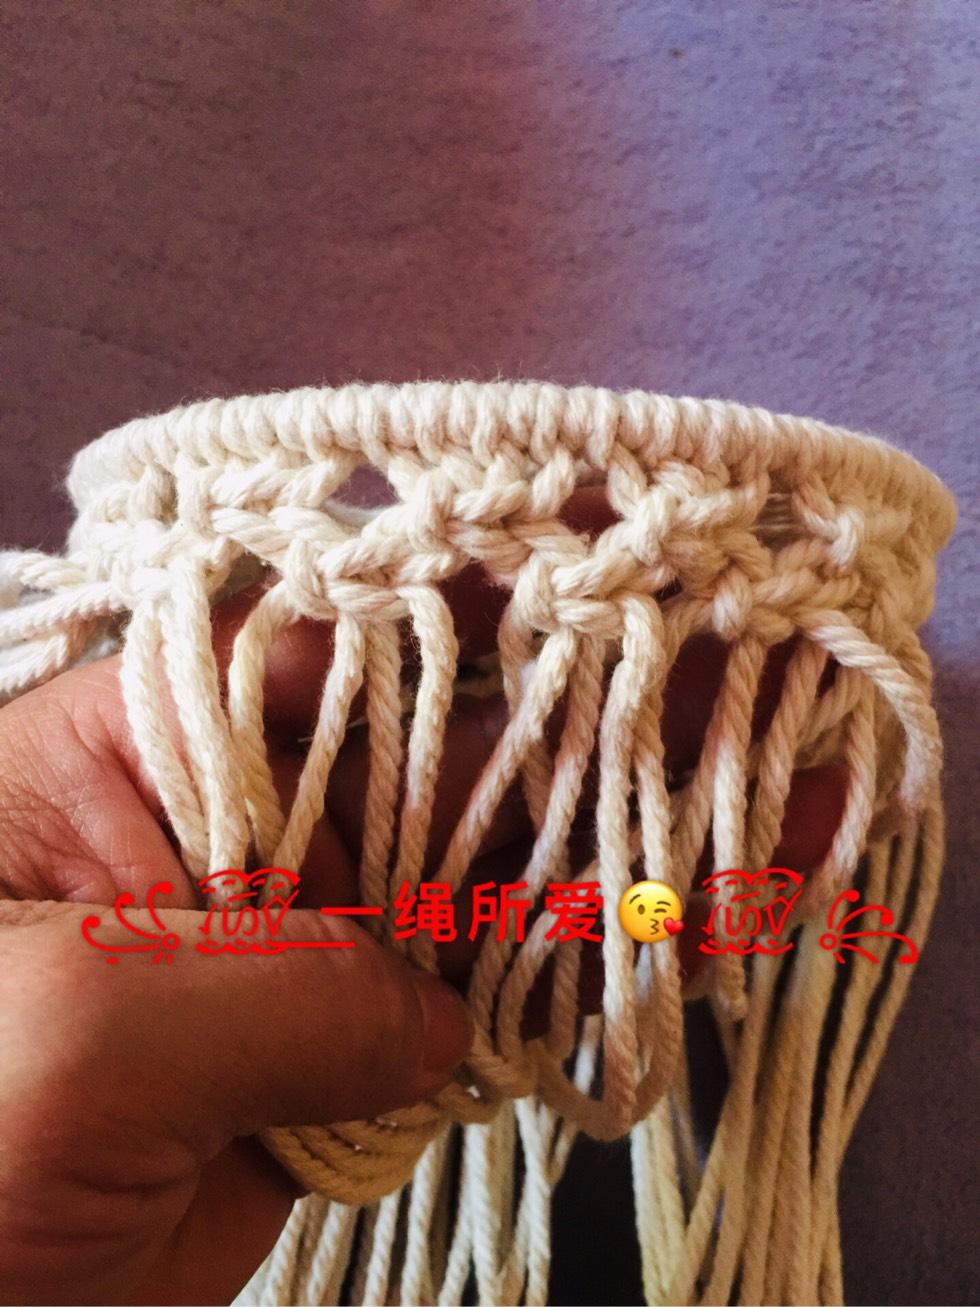 中国结论坛 原创·Macrame 收纳篮  立体绳结教程与交流区 143018sbnl82qaxqg3bqpj